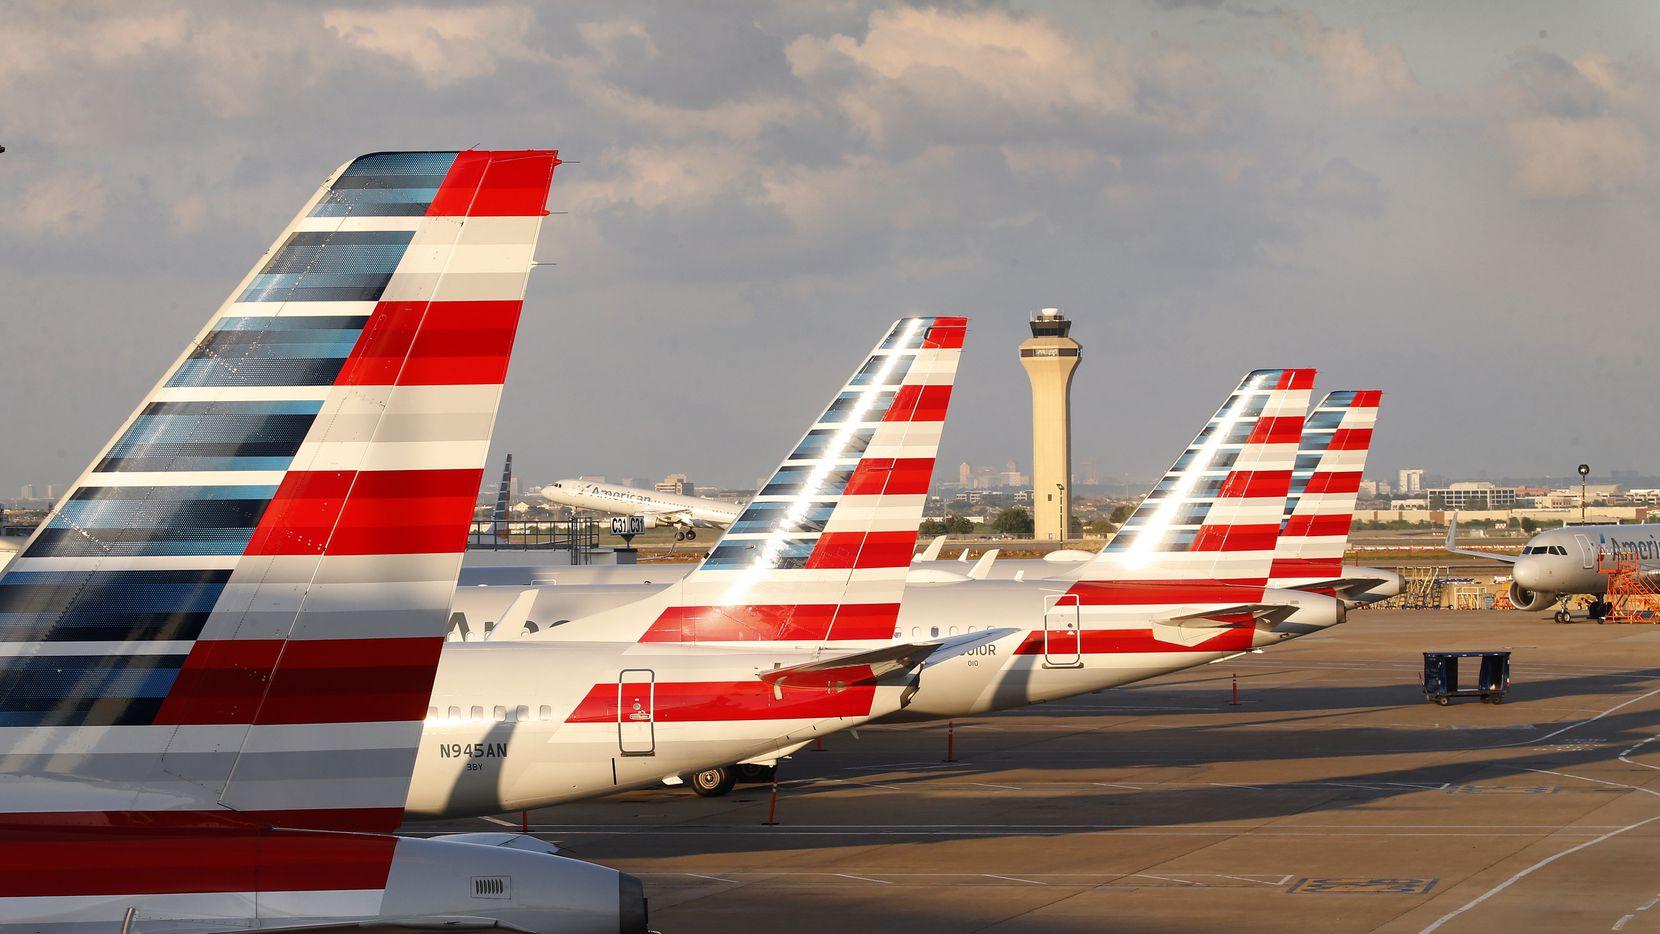 American Airlines anunció nuevas rutas a destinos en Baja California. La aerolínea aún está recuperando pasajeros aún temerosos de viajar en medio de la pandemia.